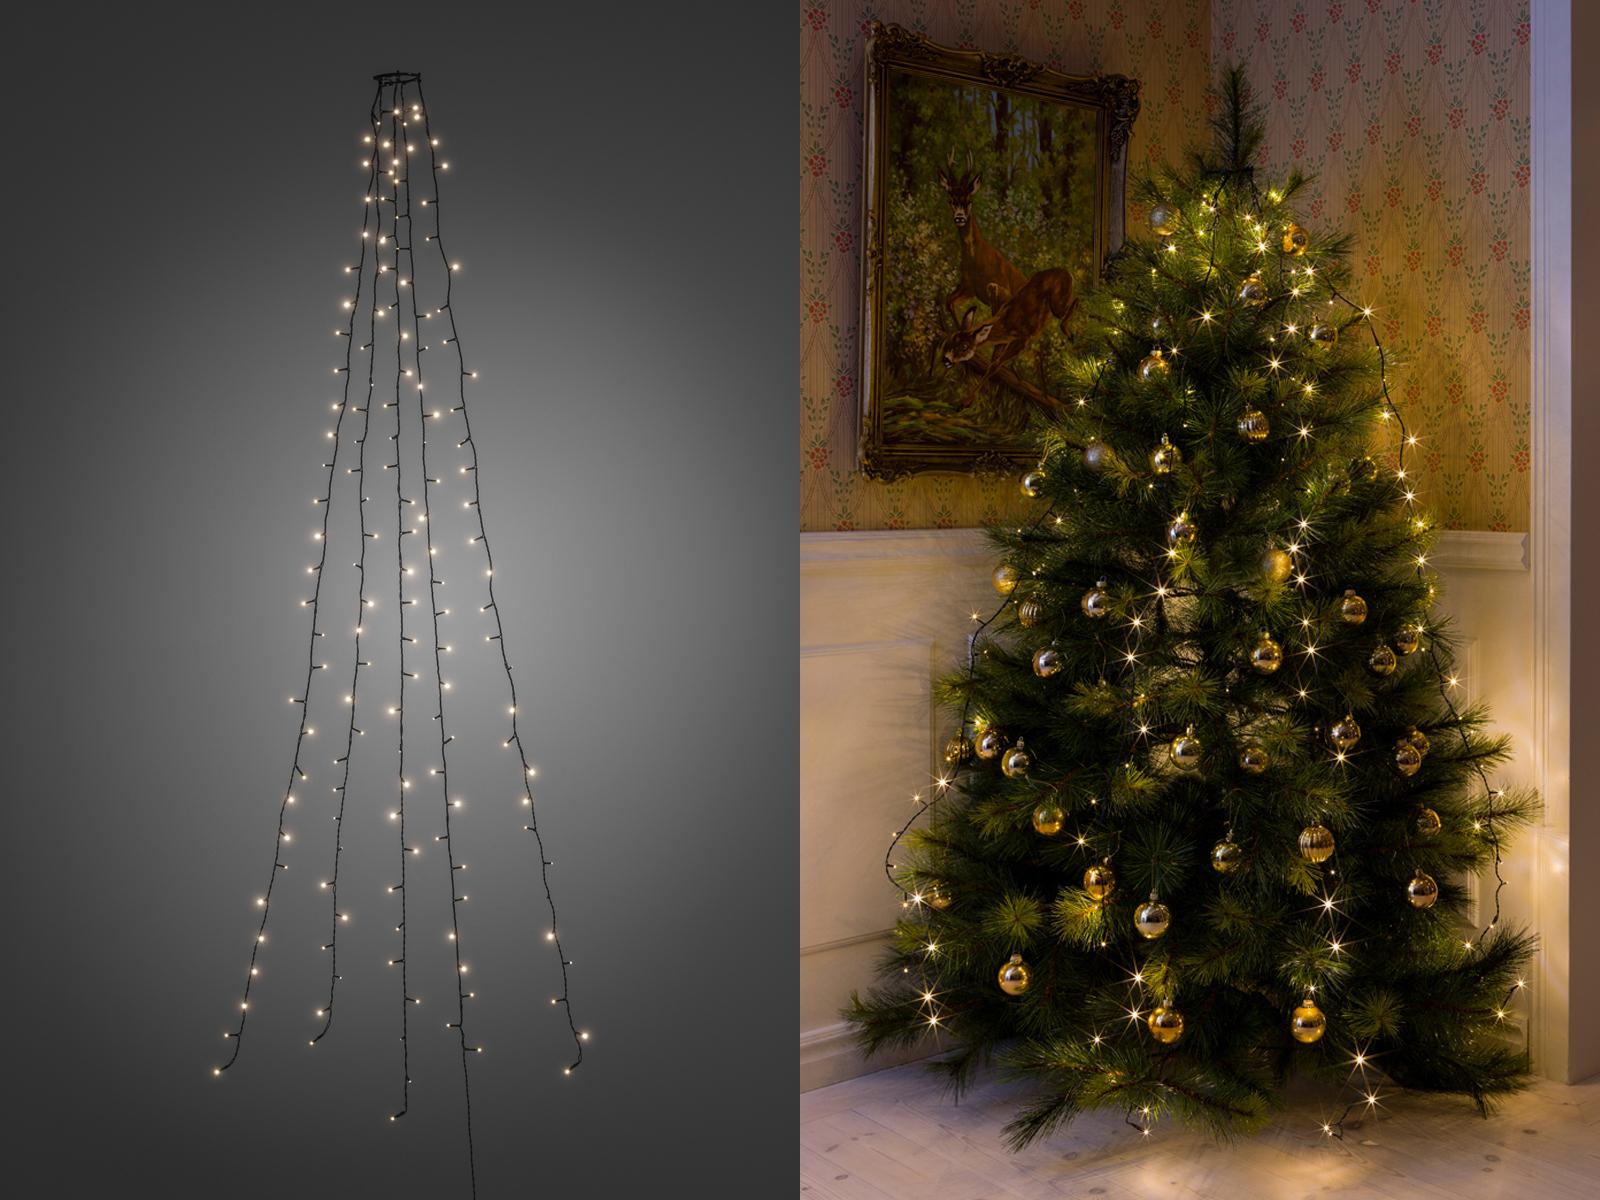 Lichterkette Weihnachtsbaum.Lichterkette Für Innen 150 Led S Weihnachtsbaum Beleuchtung Christbaum Haus